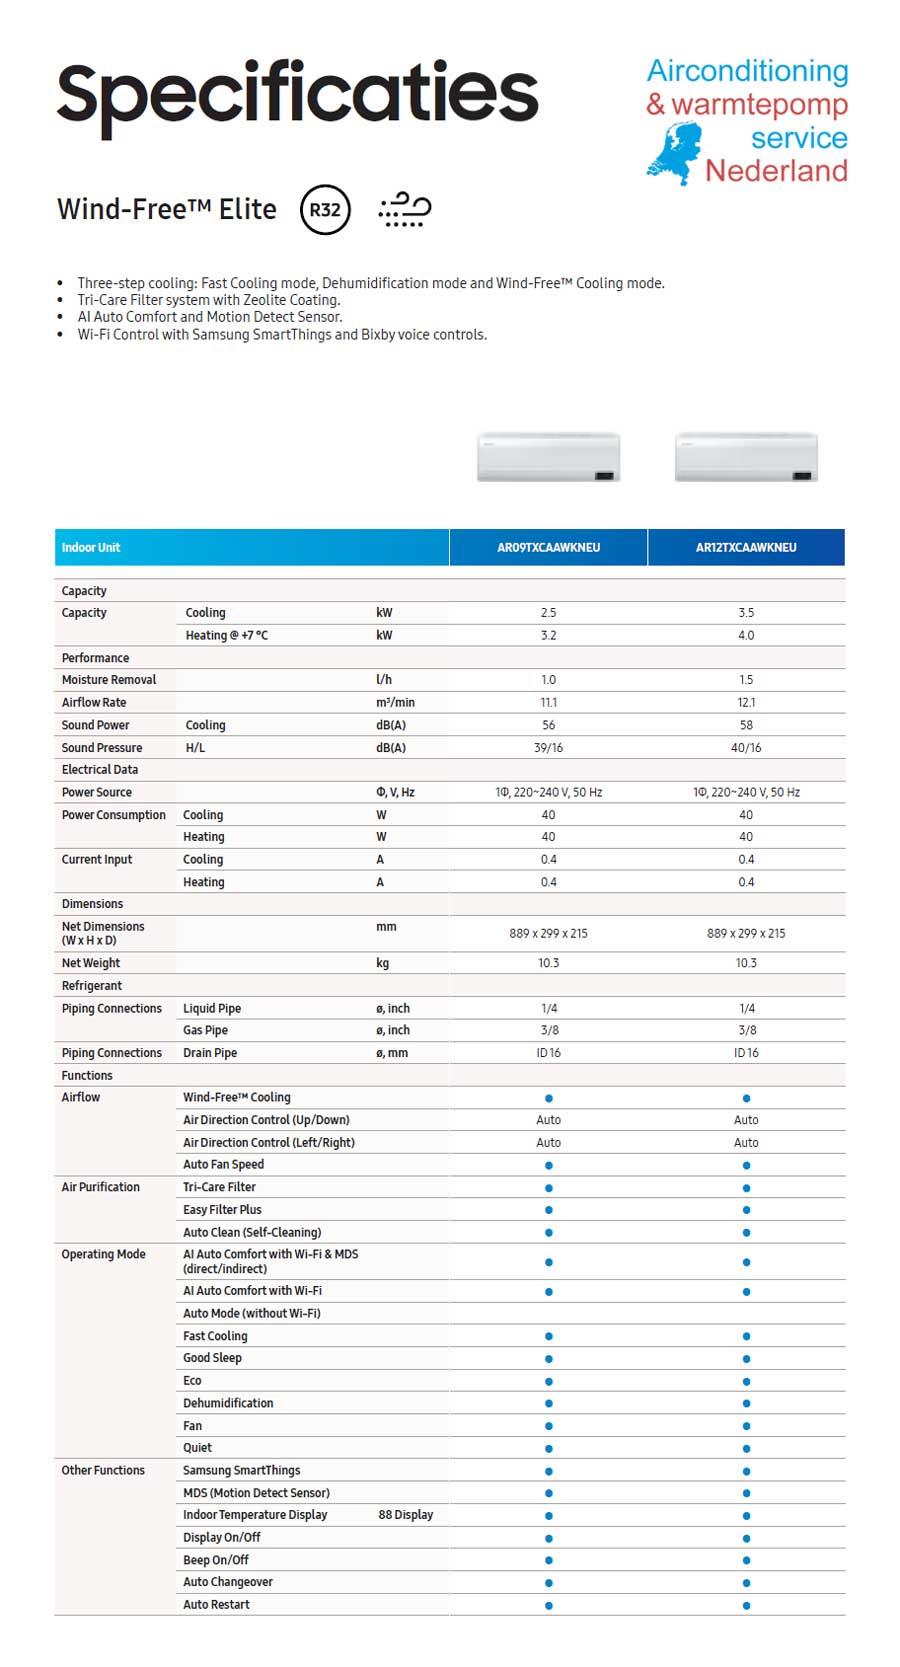 Specificaties Samsung Wind-Free™ Elite - 2,5 kW & 3,5 kW